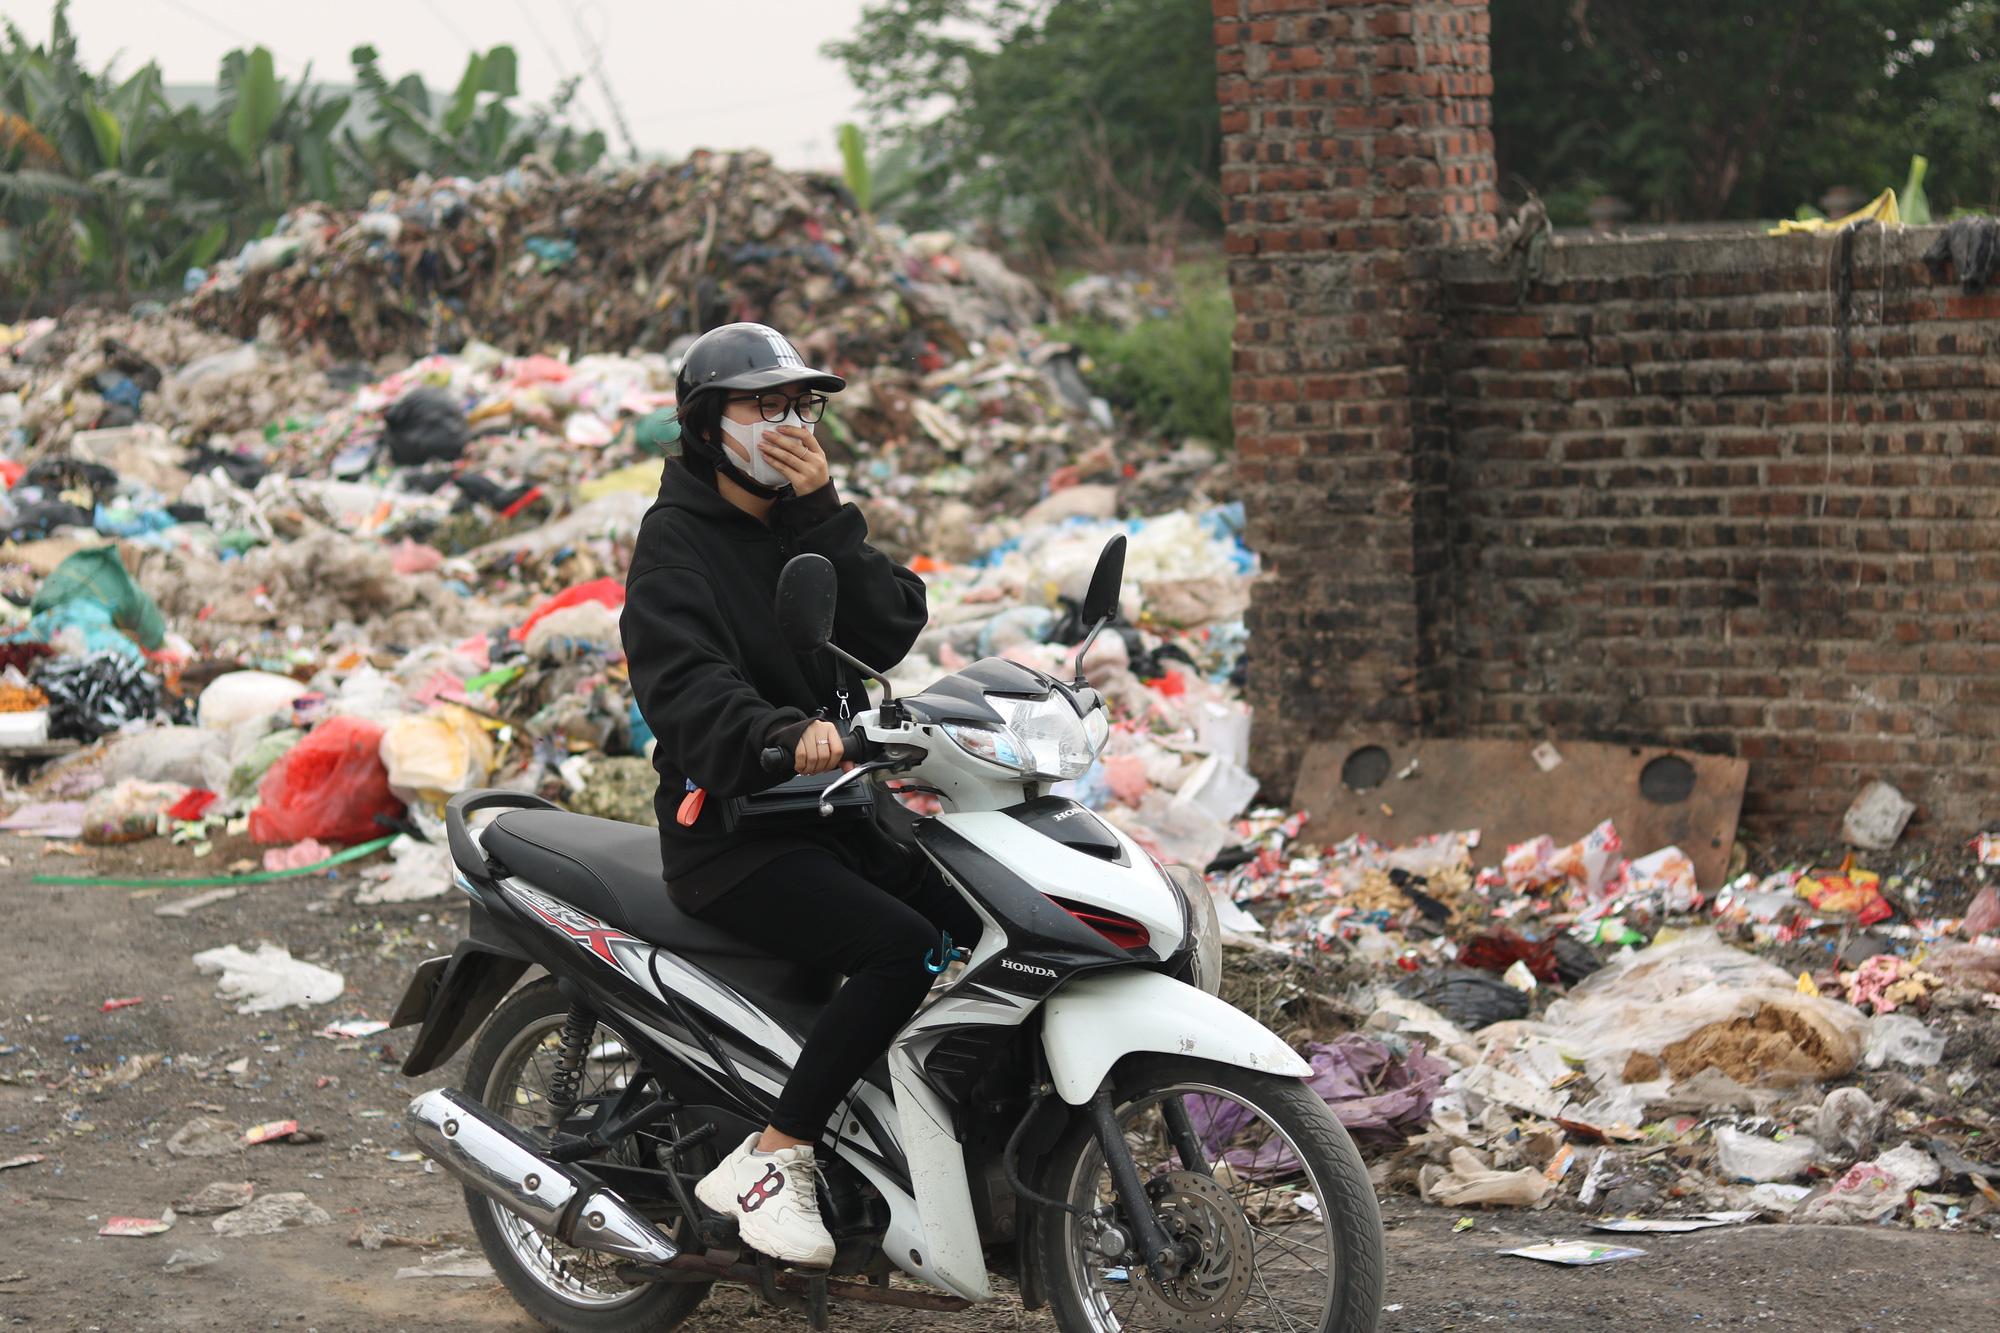 Cận cảnh tình trạng ô nhiễm khủng khiếp tại Hoài Đức, Hà Nội - Ảnh 4.